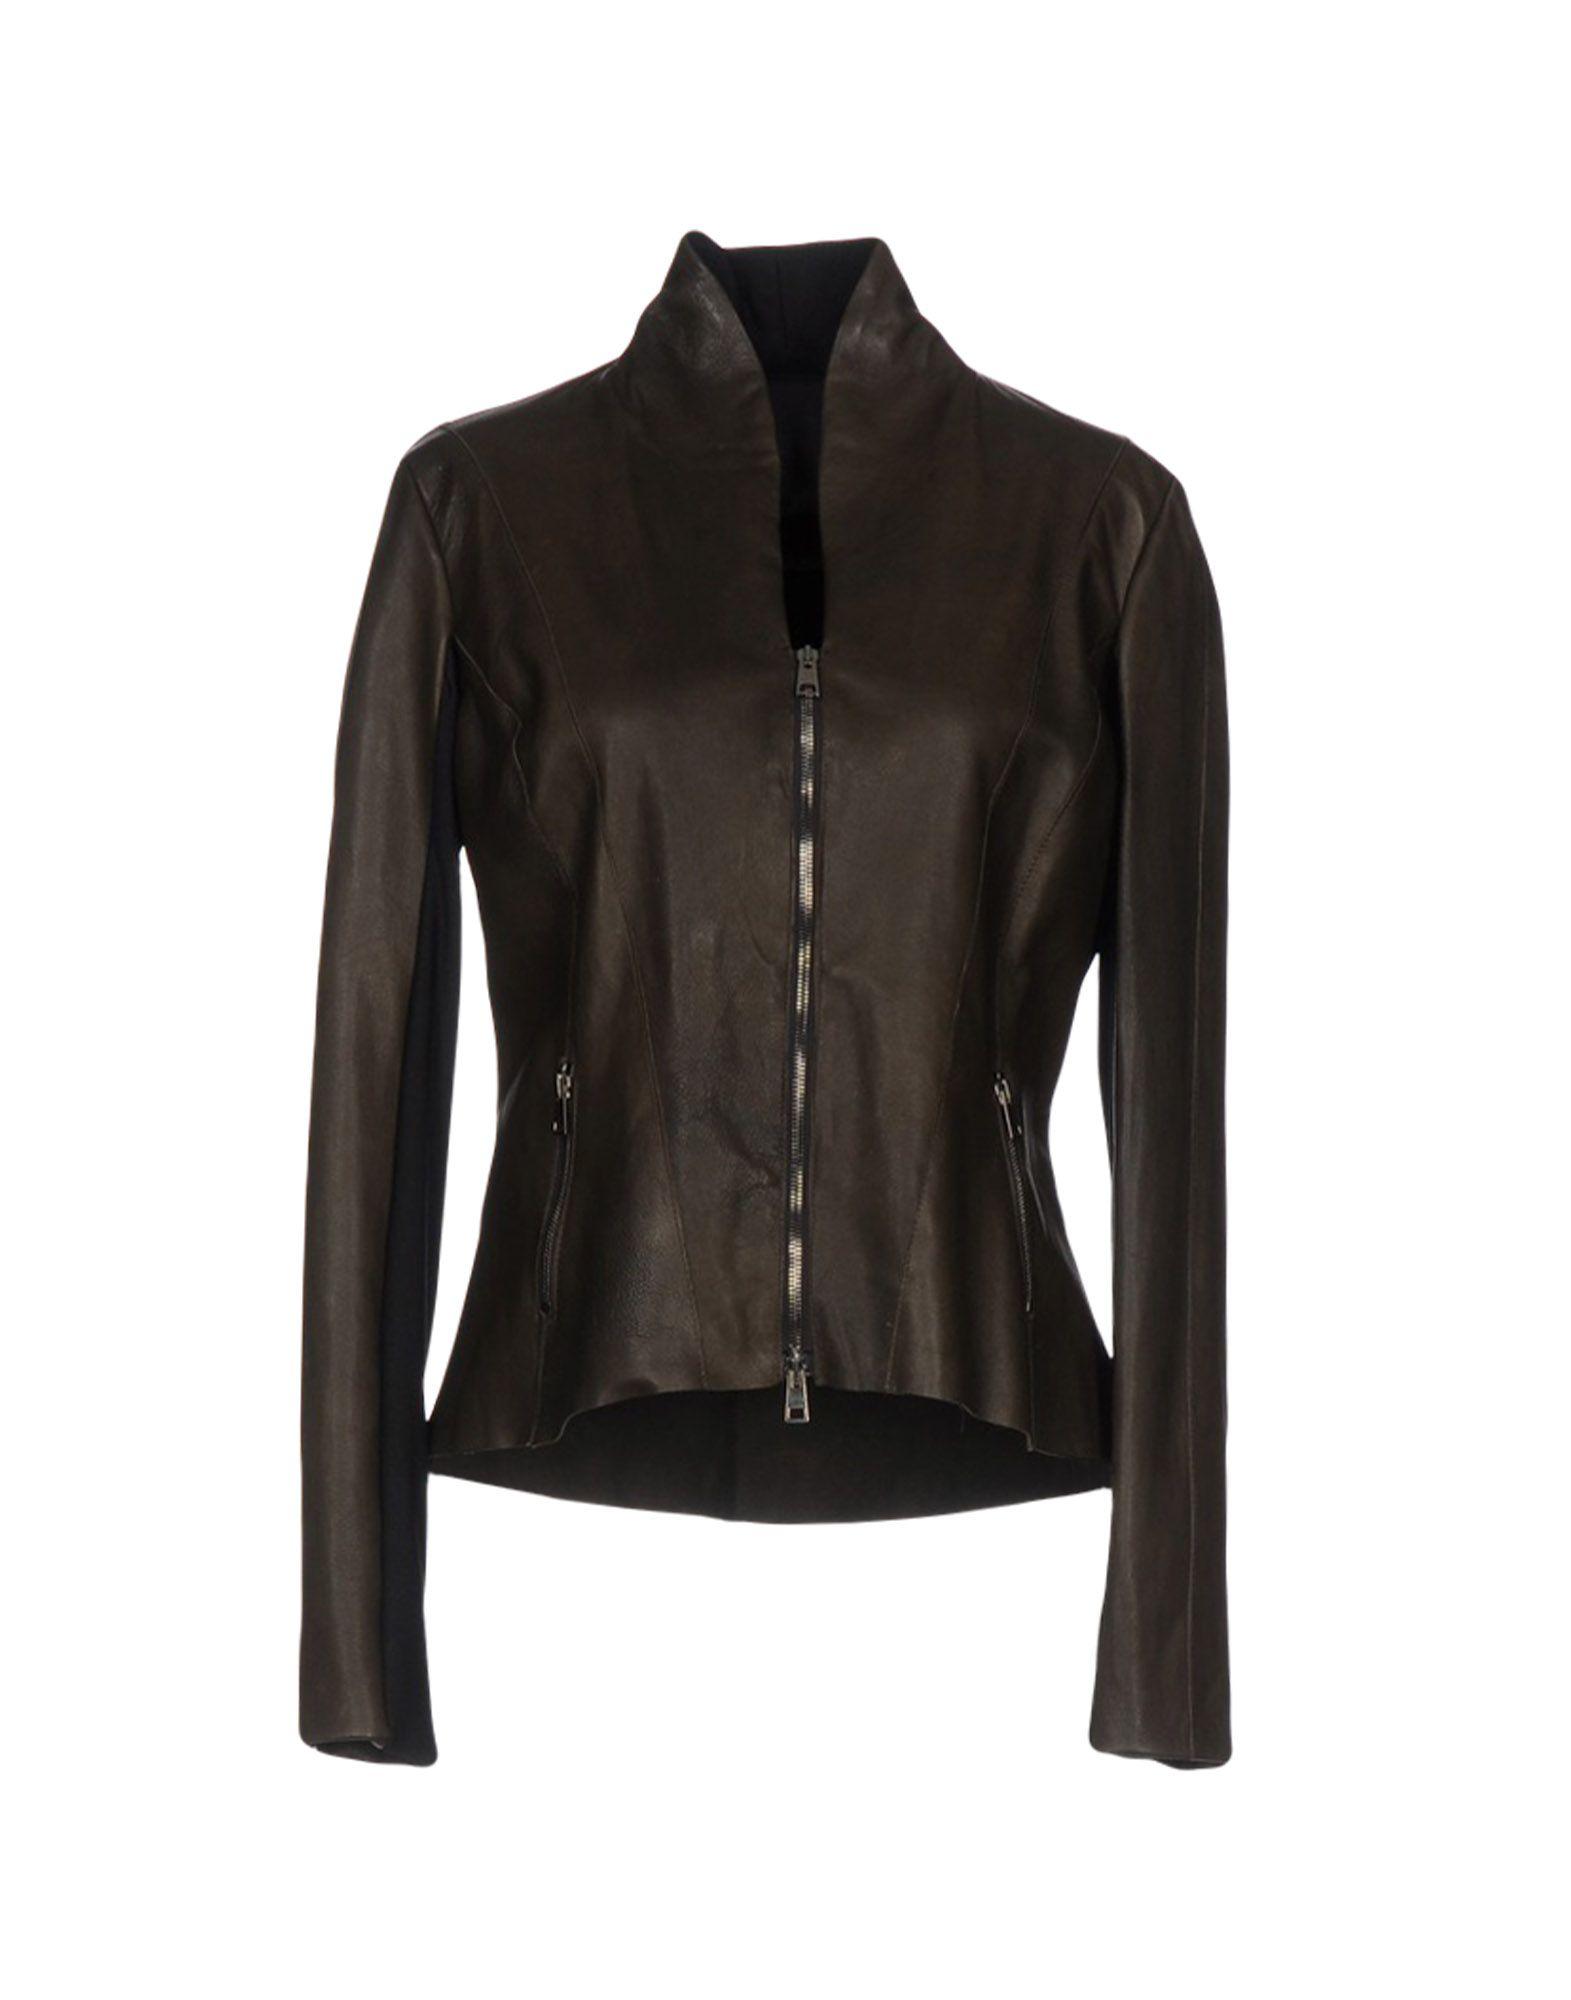 GIOCASTA Jackets in Khaki